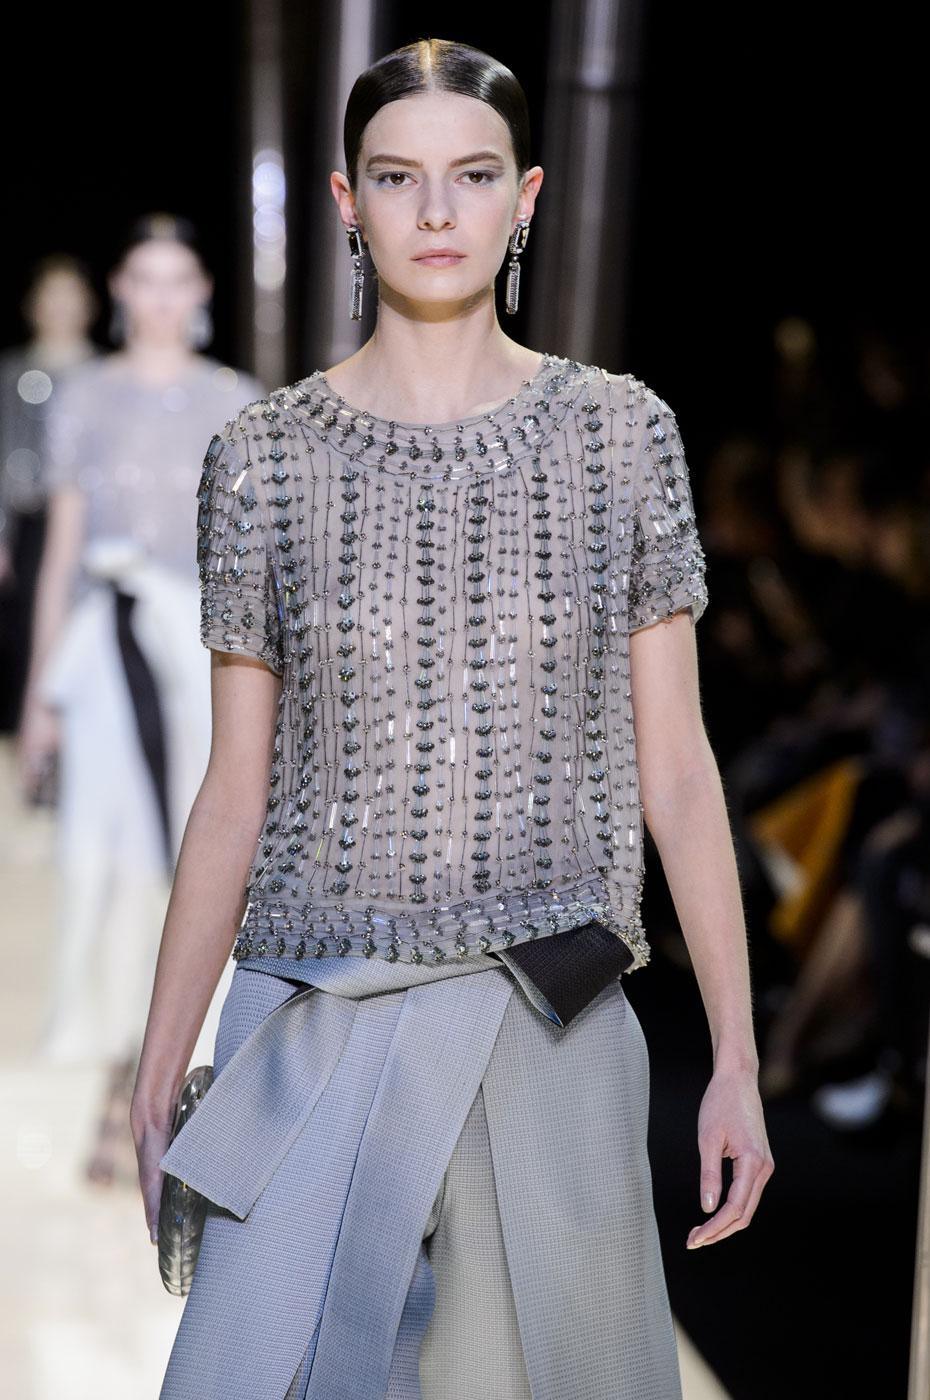 Giorgio-armani-Prive-fashion-runway-show-haute-couture-paris-spring-2015-the-impression-070